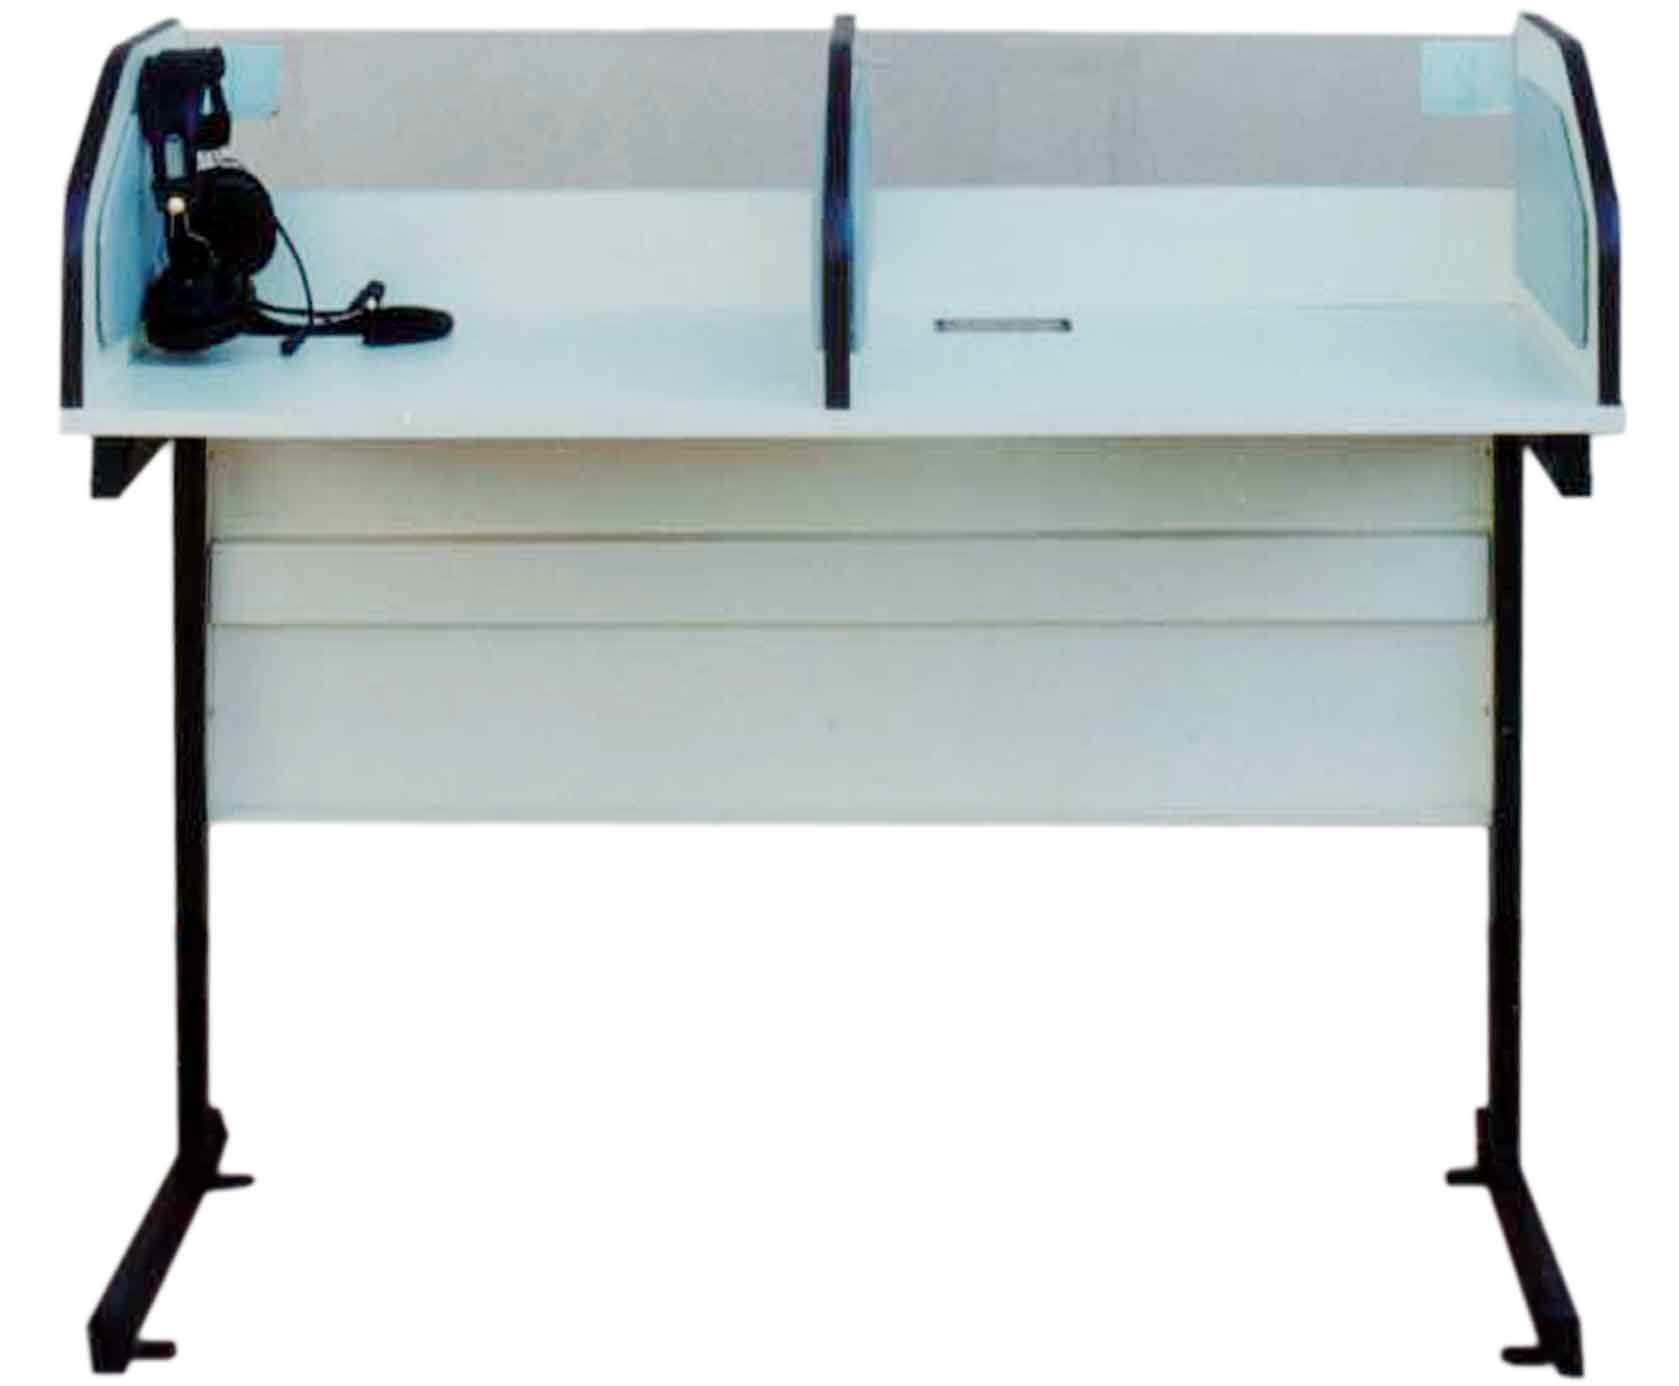 โต๊ะคูหาสำหรับผู้เรียน (ไม้ปาร์ติเกิล บุพรม)